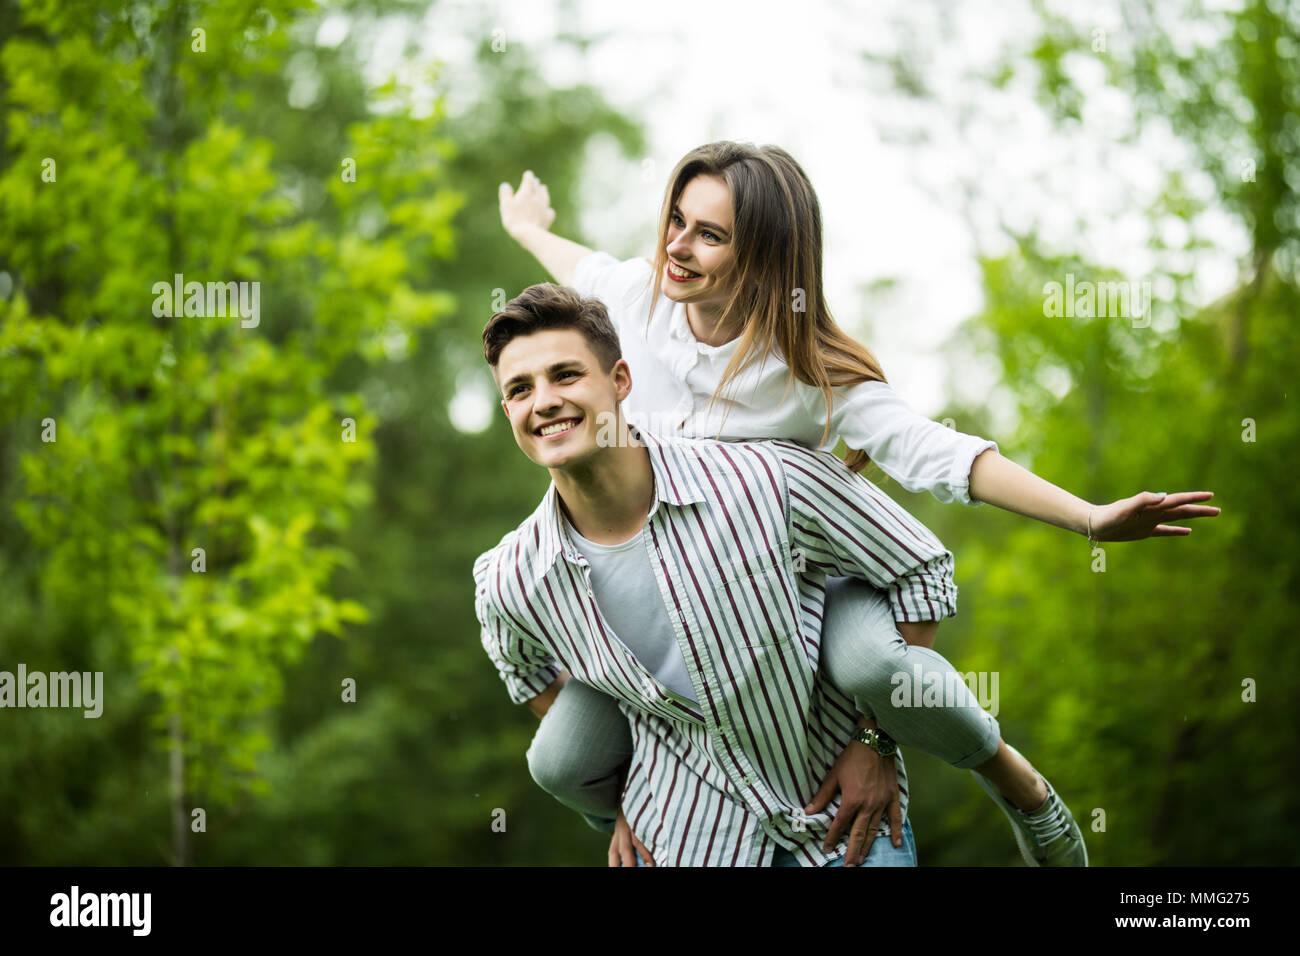 Cute sweet partner usurpation de sa dame, elle chevauche lui, ils sont bien habillés, excité, charmant, avec propagation mains Photo Stock